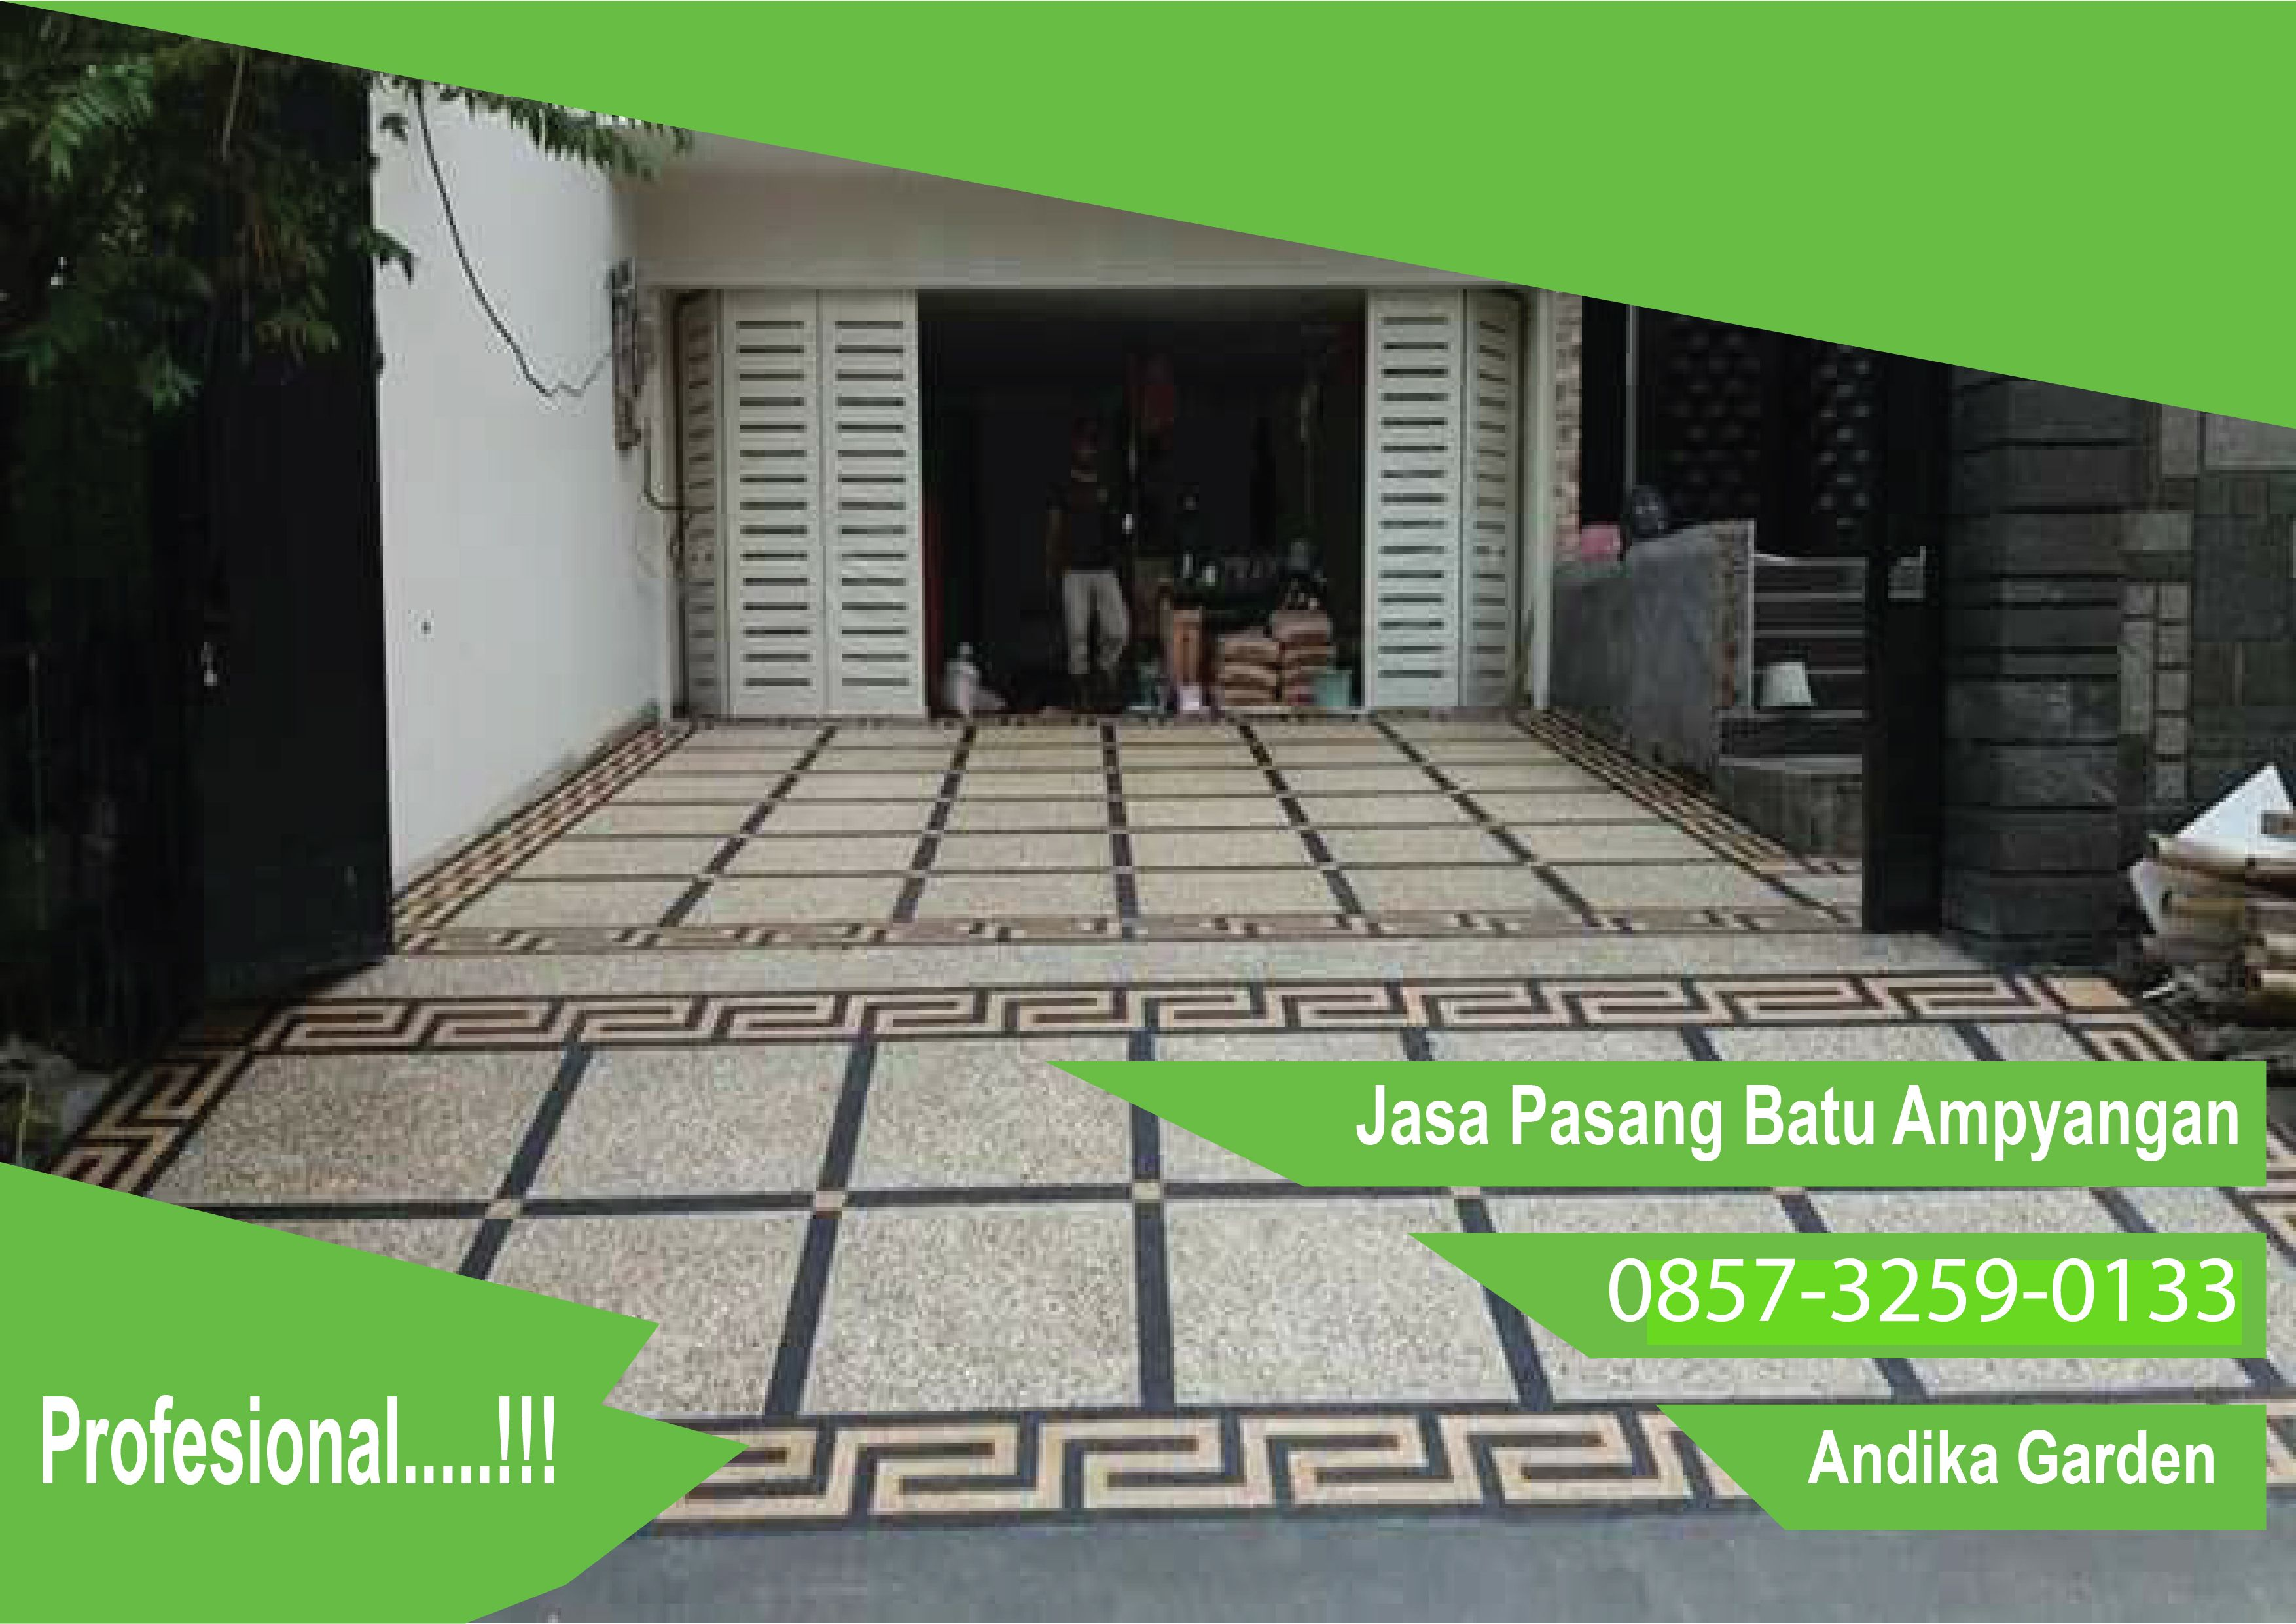 Keramik Lantai Carport Murah Mojokerto Wa 62 857 3259 0133 Andika Garden Mojokerto Garden Carport Lantai carport minimalis